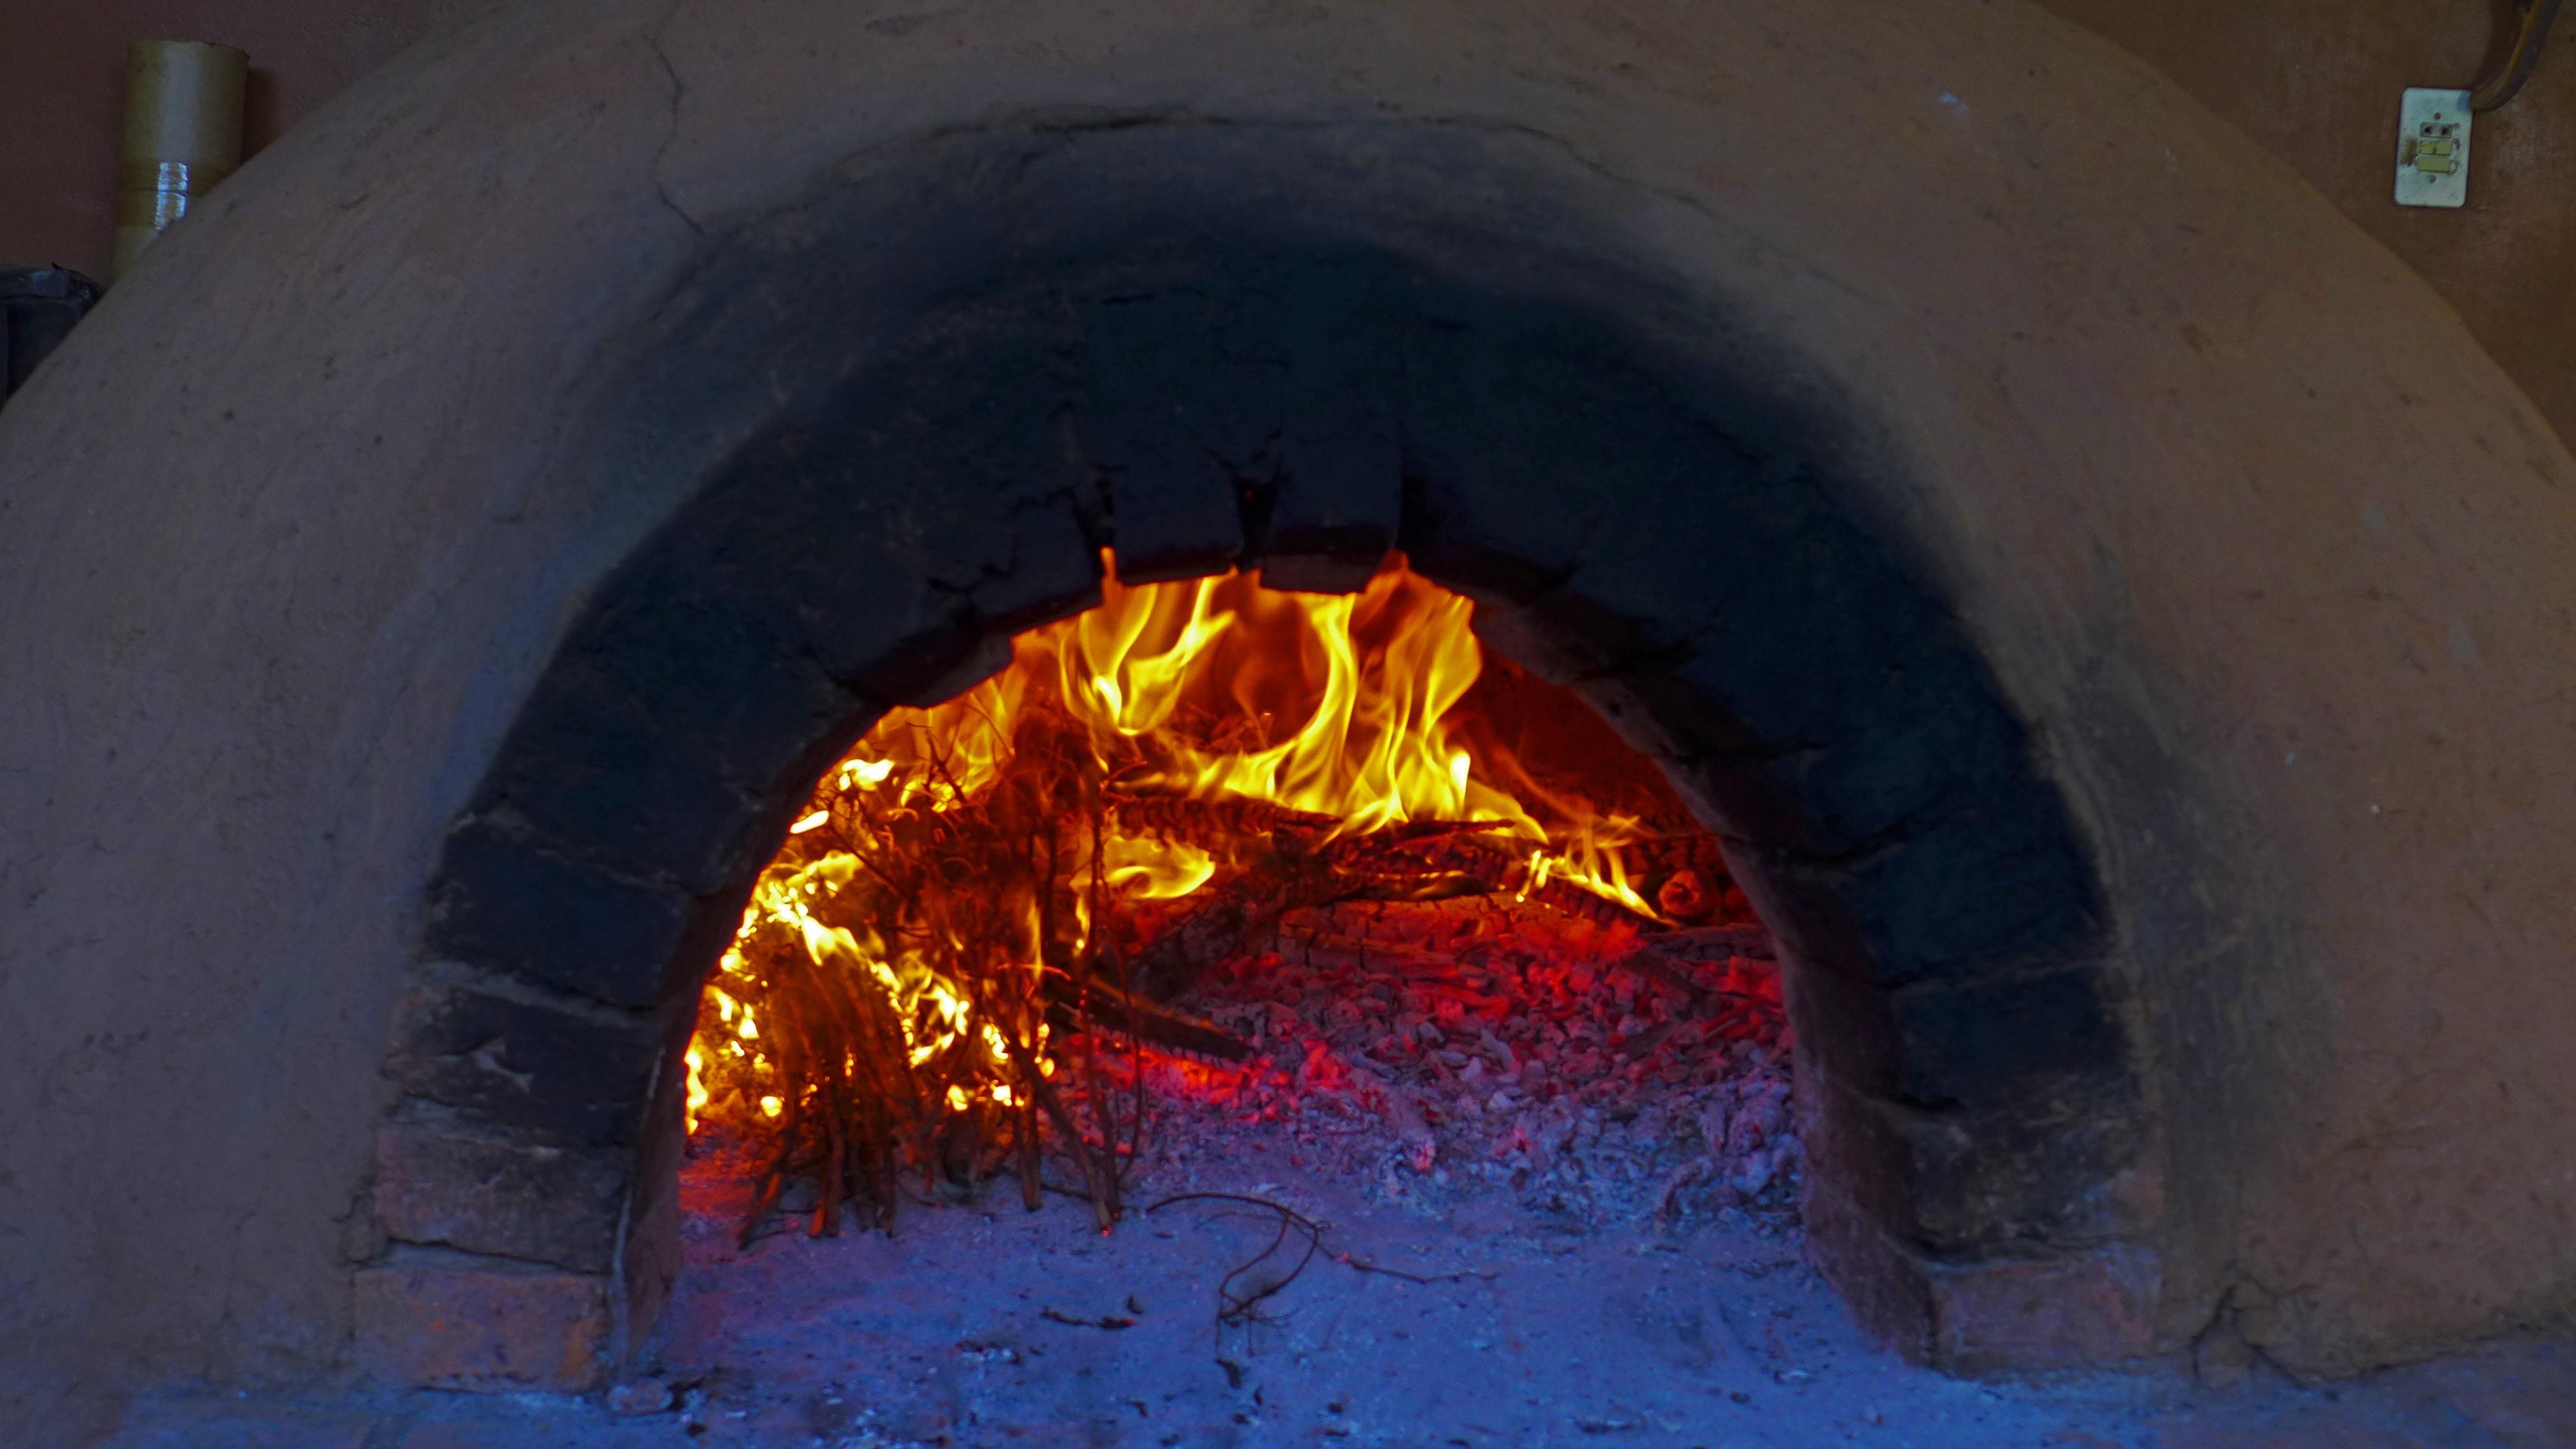 무료 이미지 : 분기, 빛, 목재, 따뜻한, 조리, 자연스러운, 불 ...